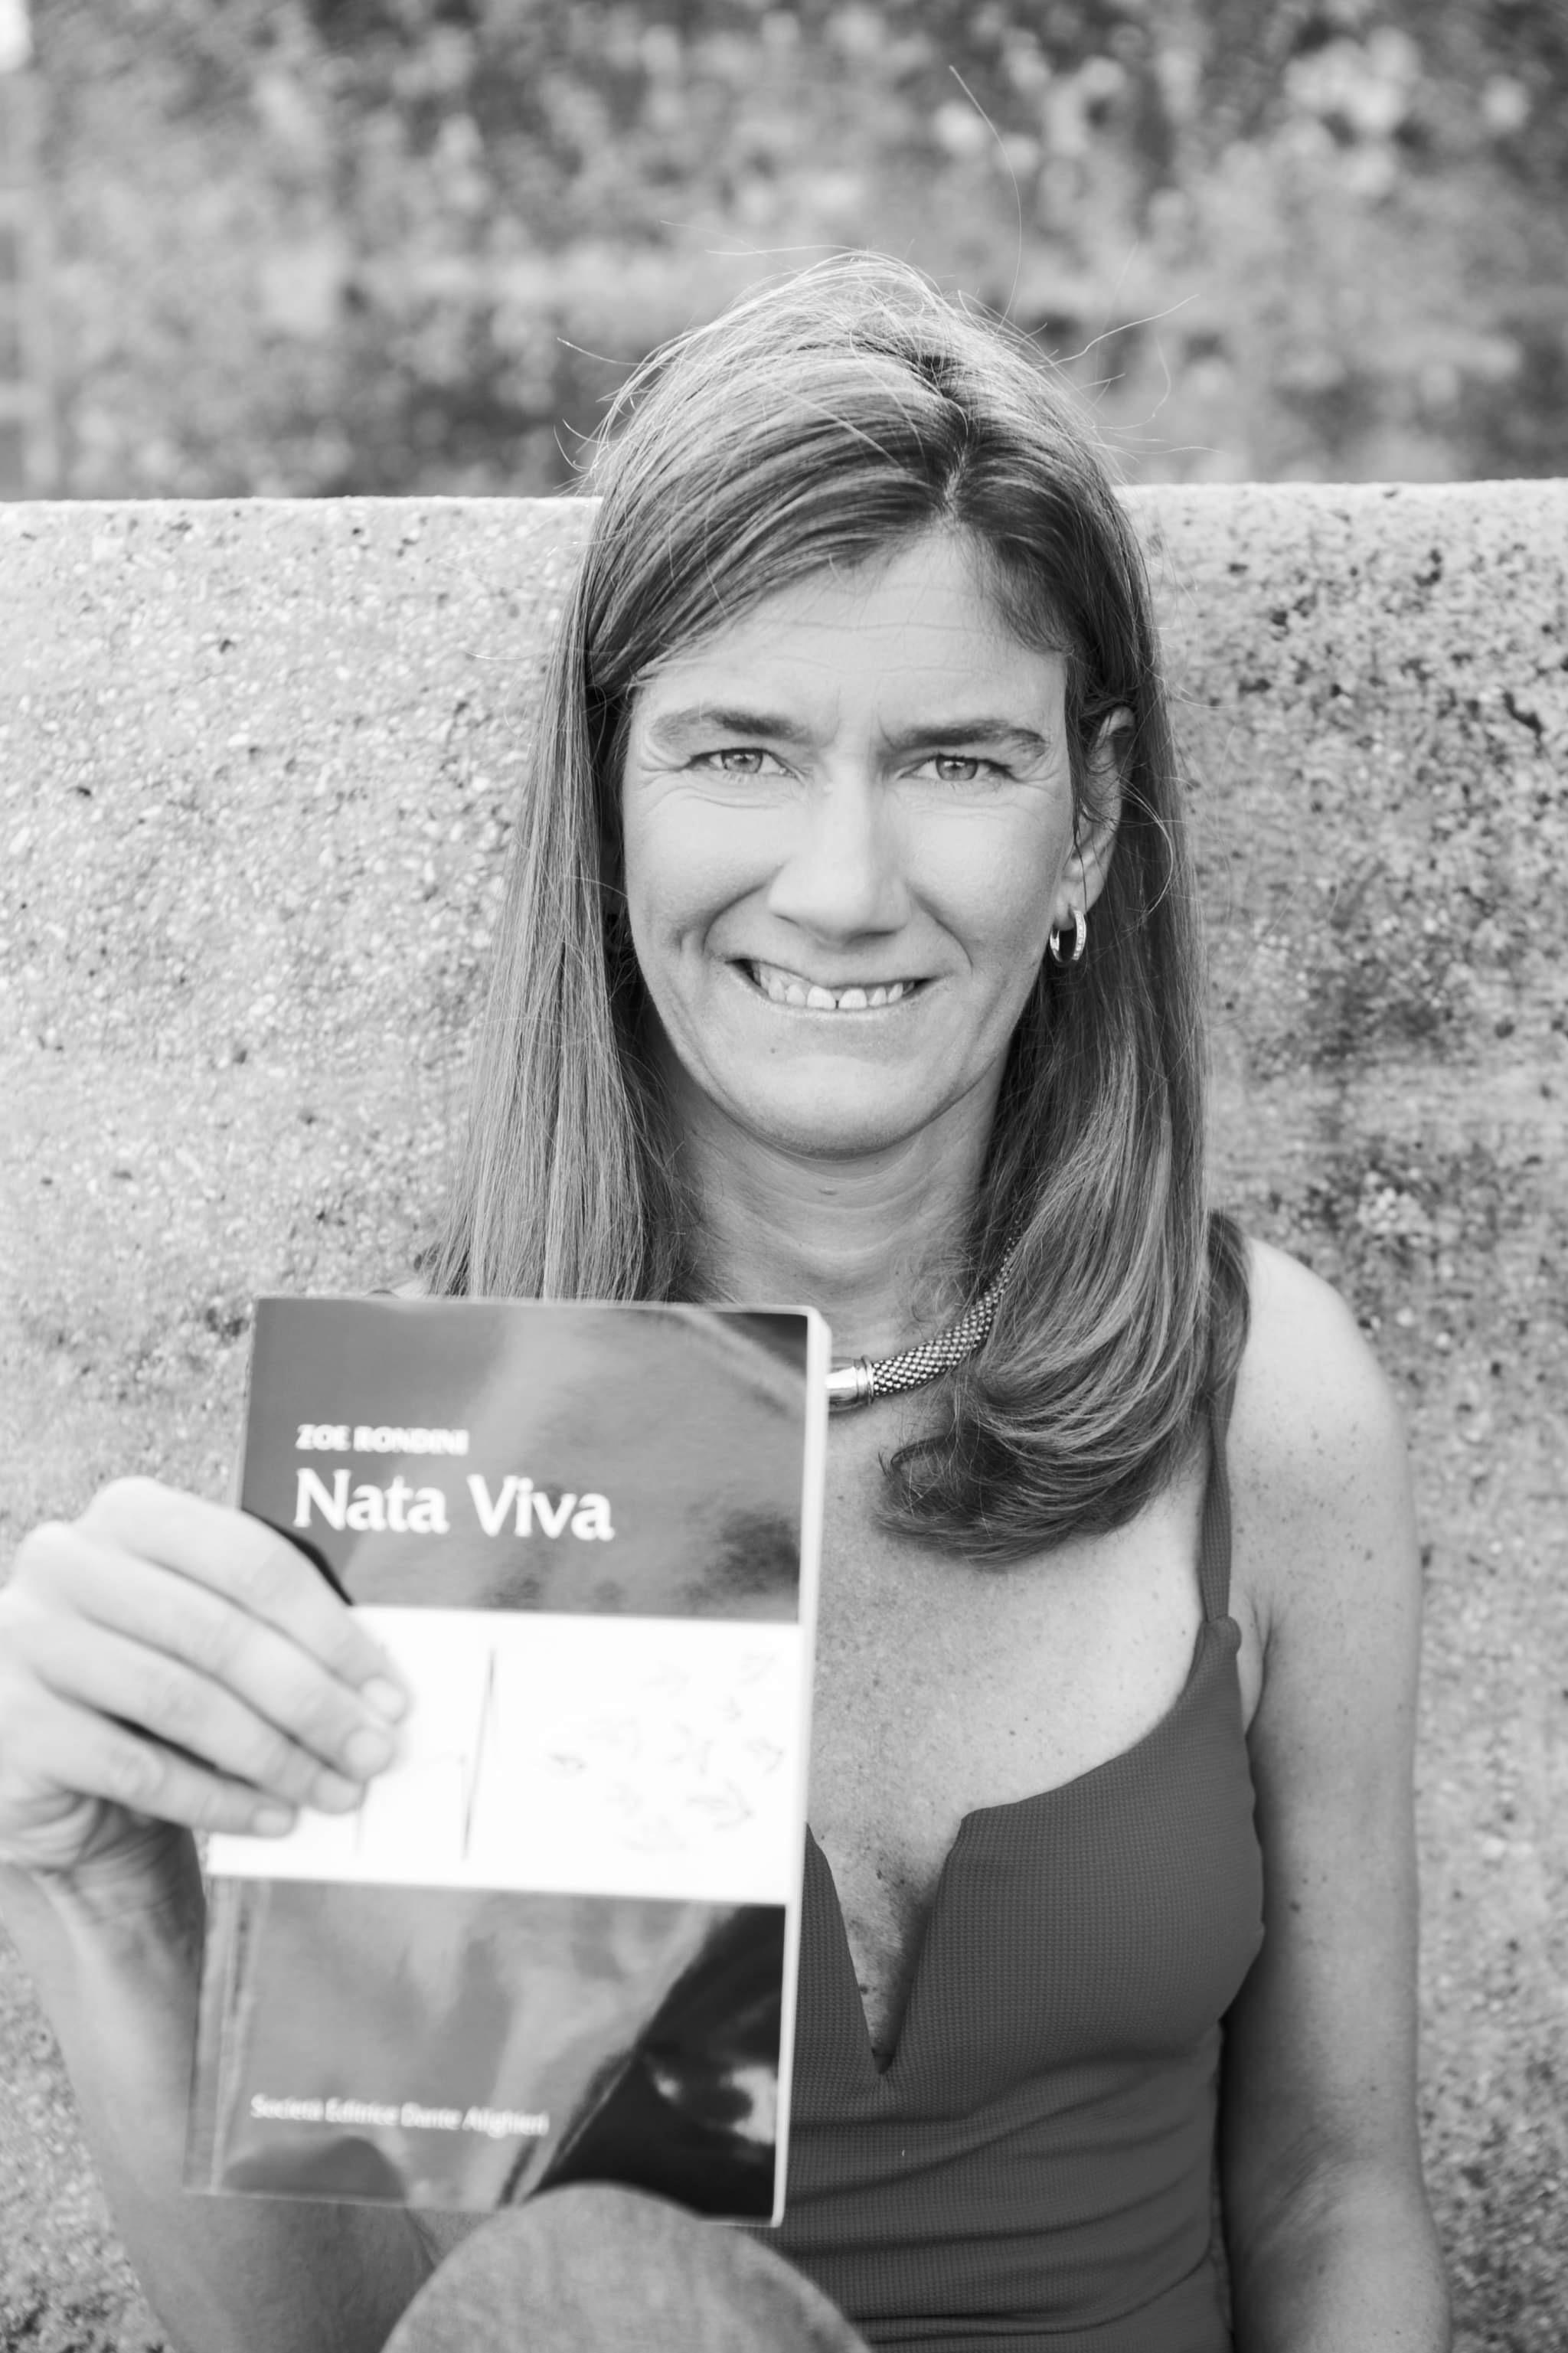 """""""Nata viva"""": un'autobiografia che è un viaggio introspettivo di crescita e di riflessione - Featured image"""